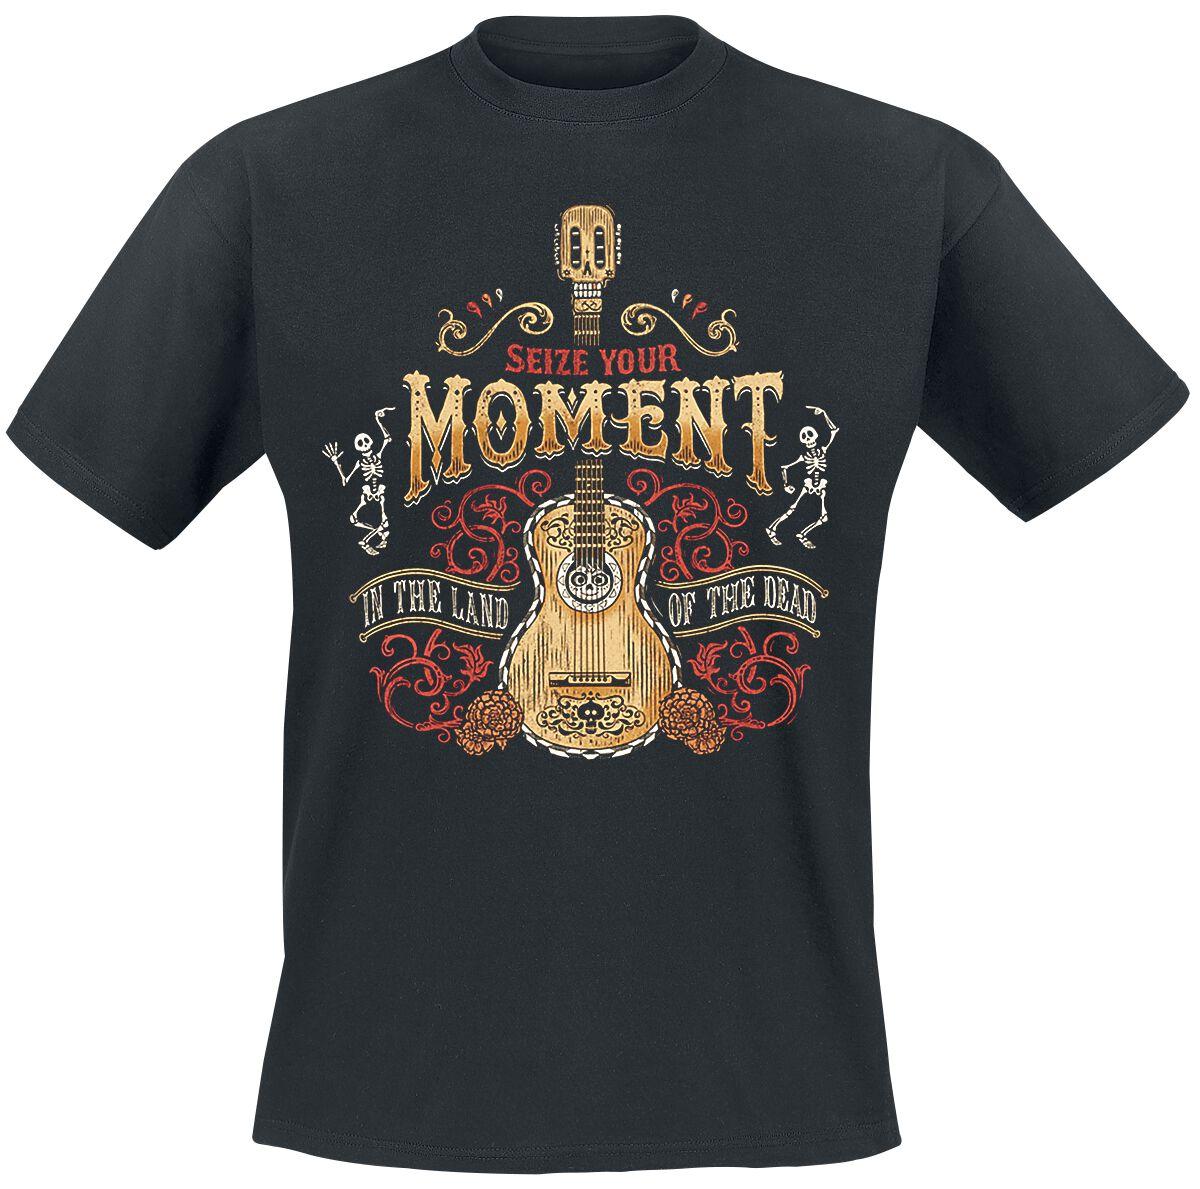 Merch dla Fanów - Koszulki - T-Shirt Coco Moment T-Shirt czarny - 370288